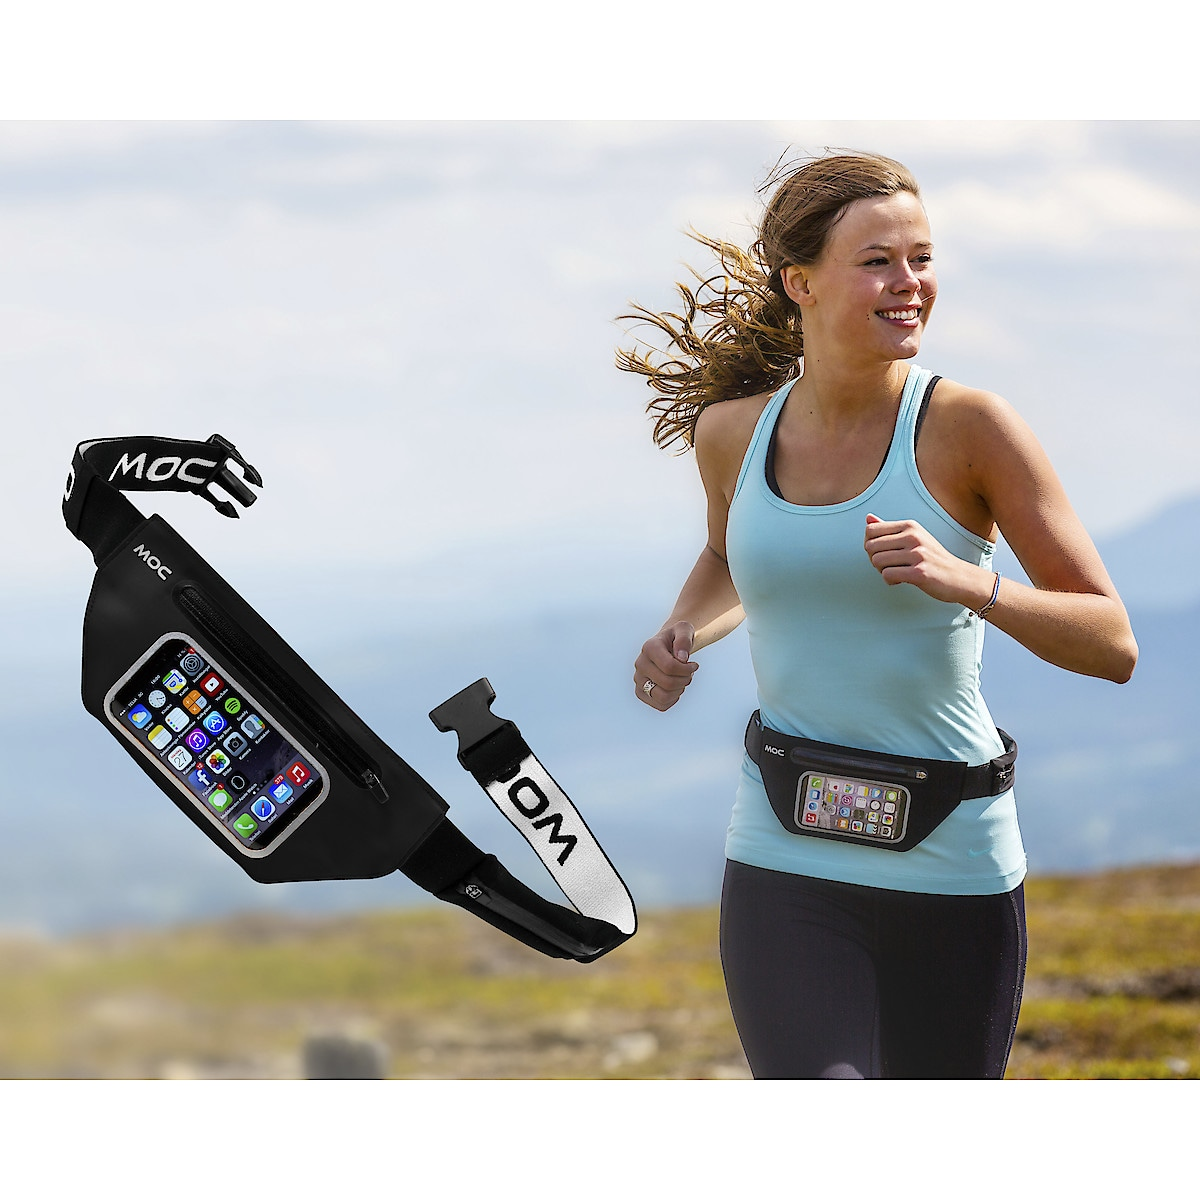 Väska för smartphone, MOC